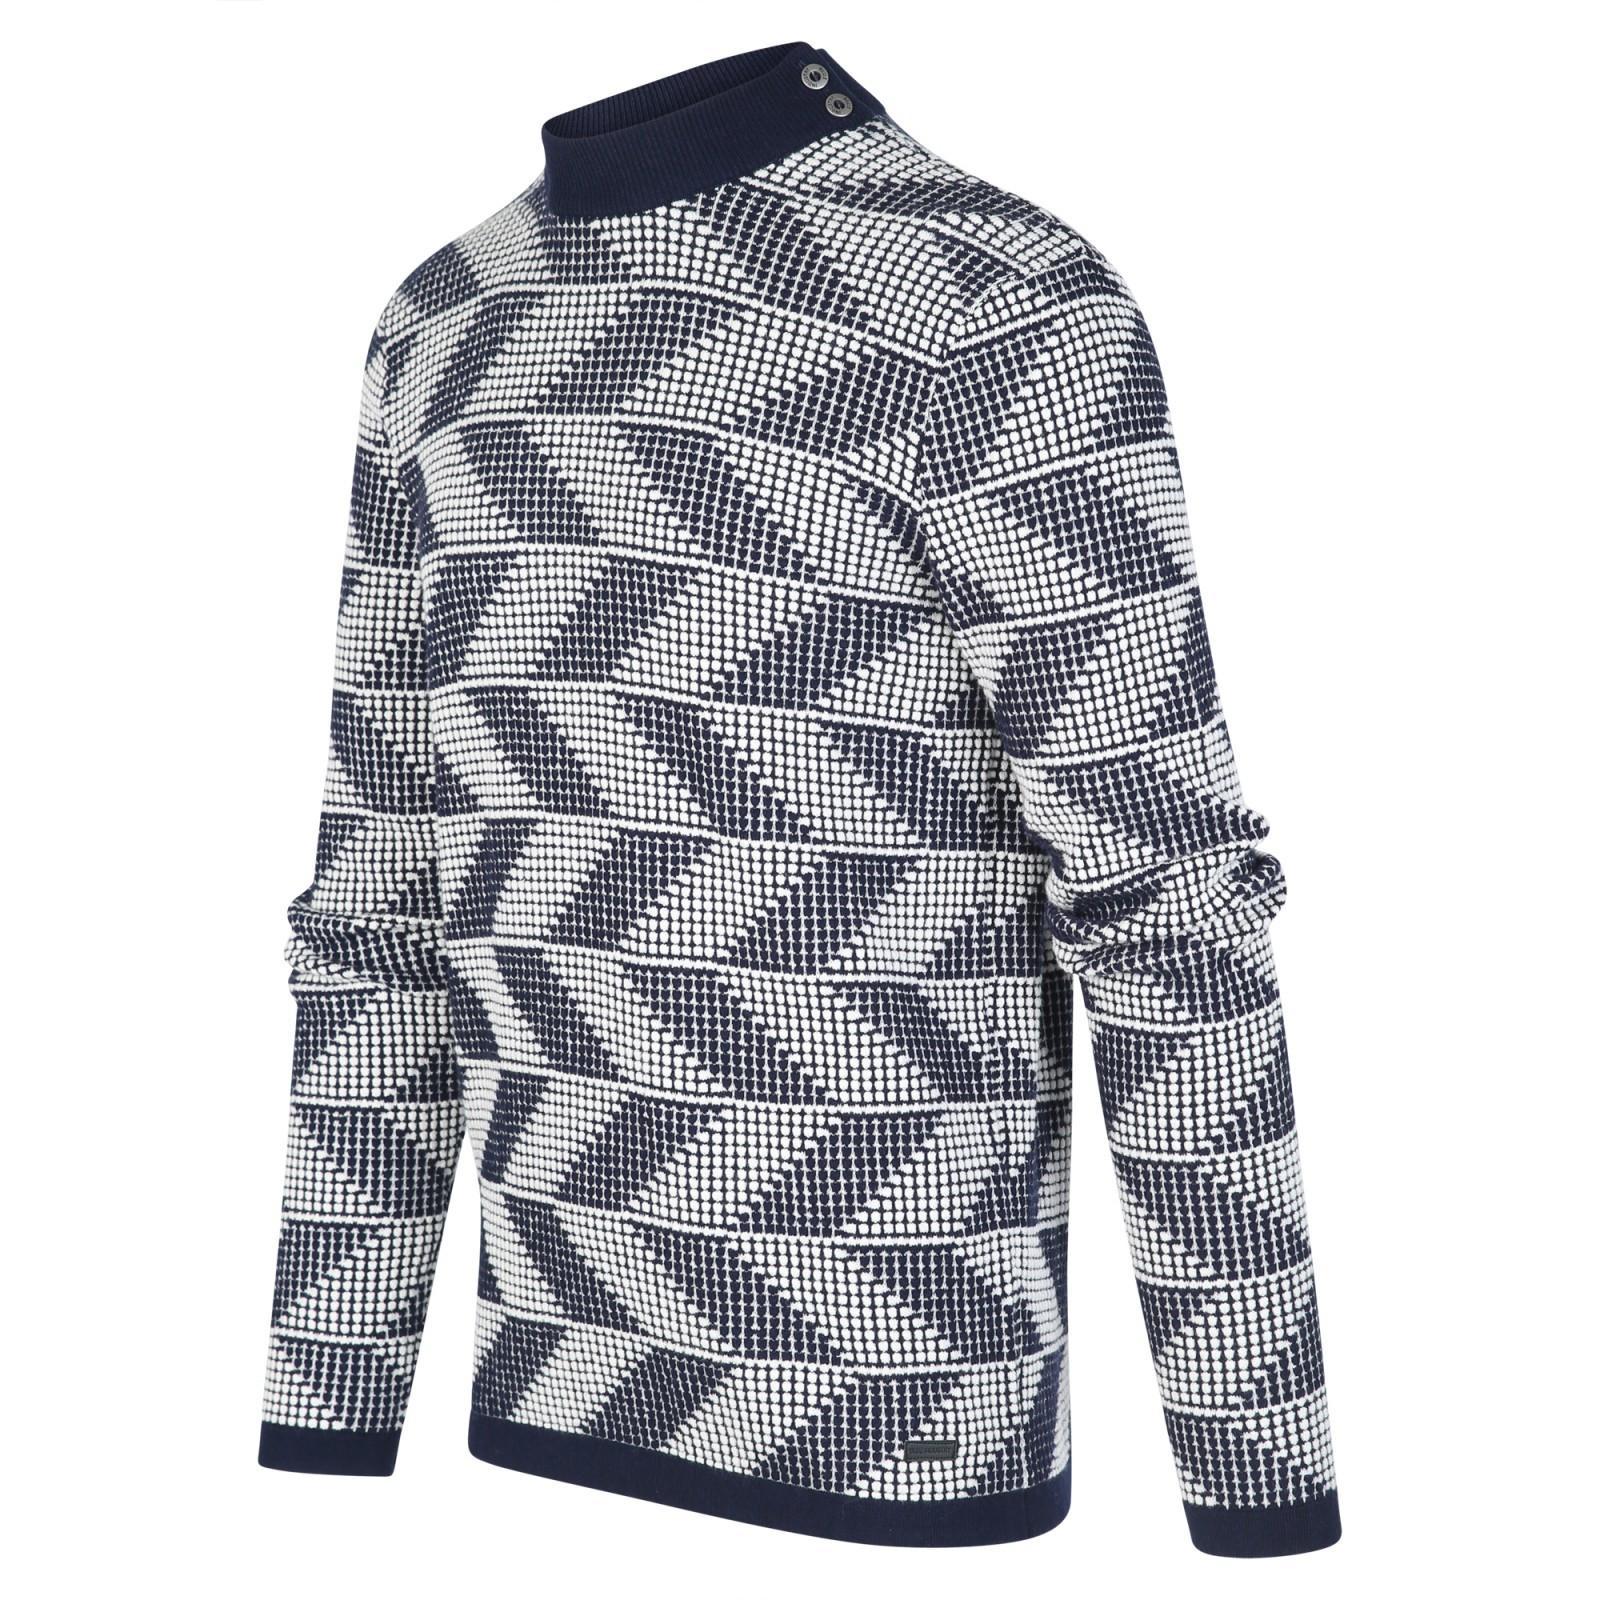 BLUE INDUSTRY Pullover Zigzag Kbiw19-m25 in het Blauw voor heren